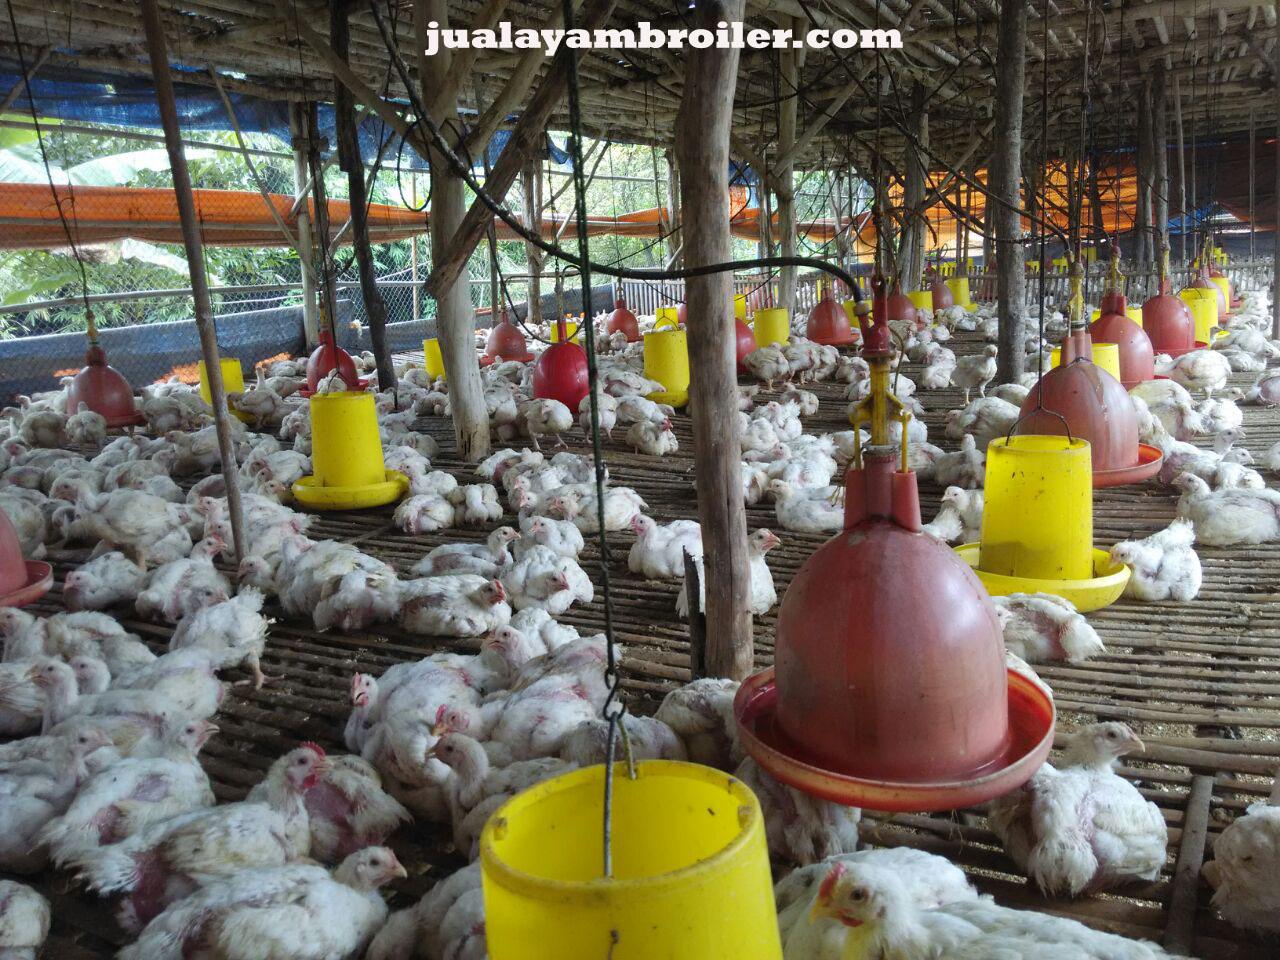 Jual Ayam Broiler Jakamulya